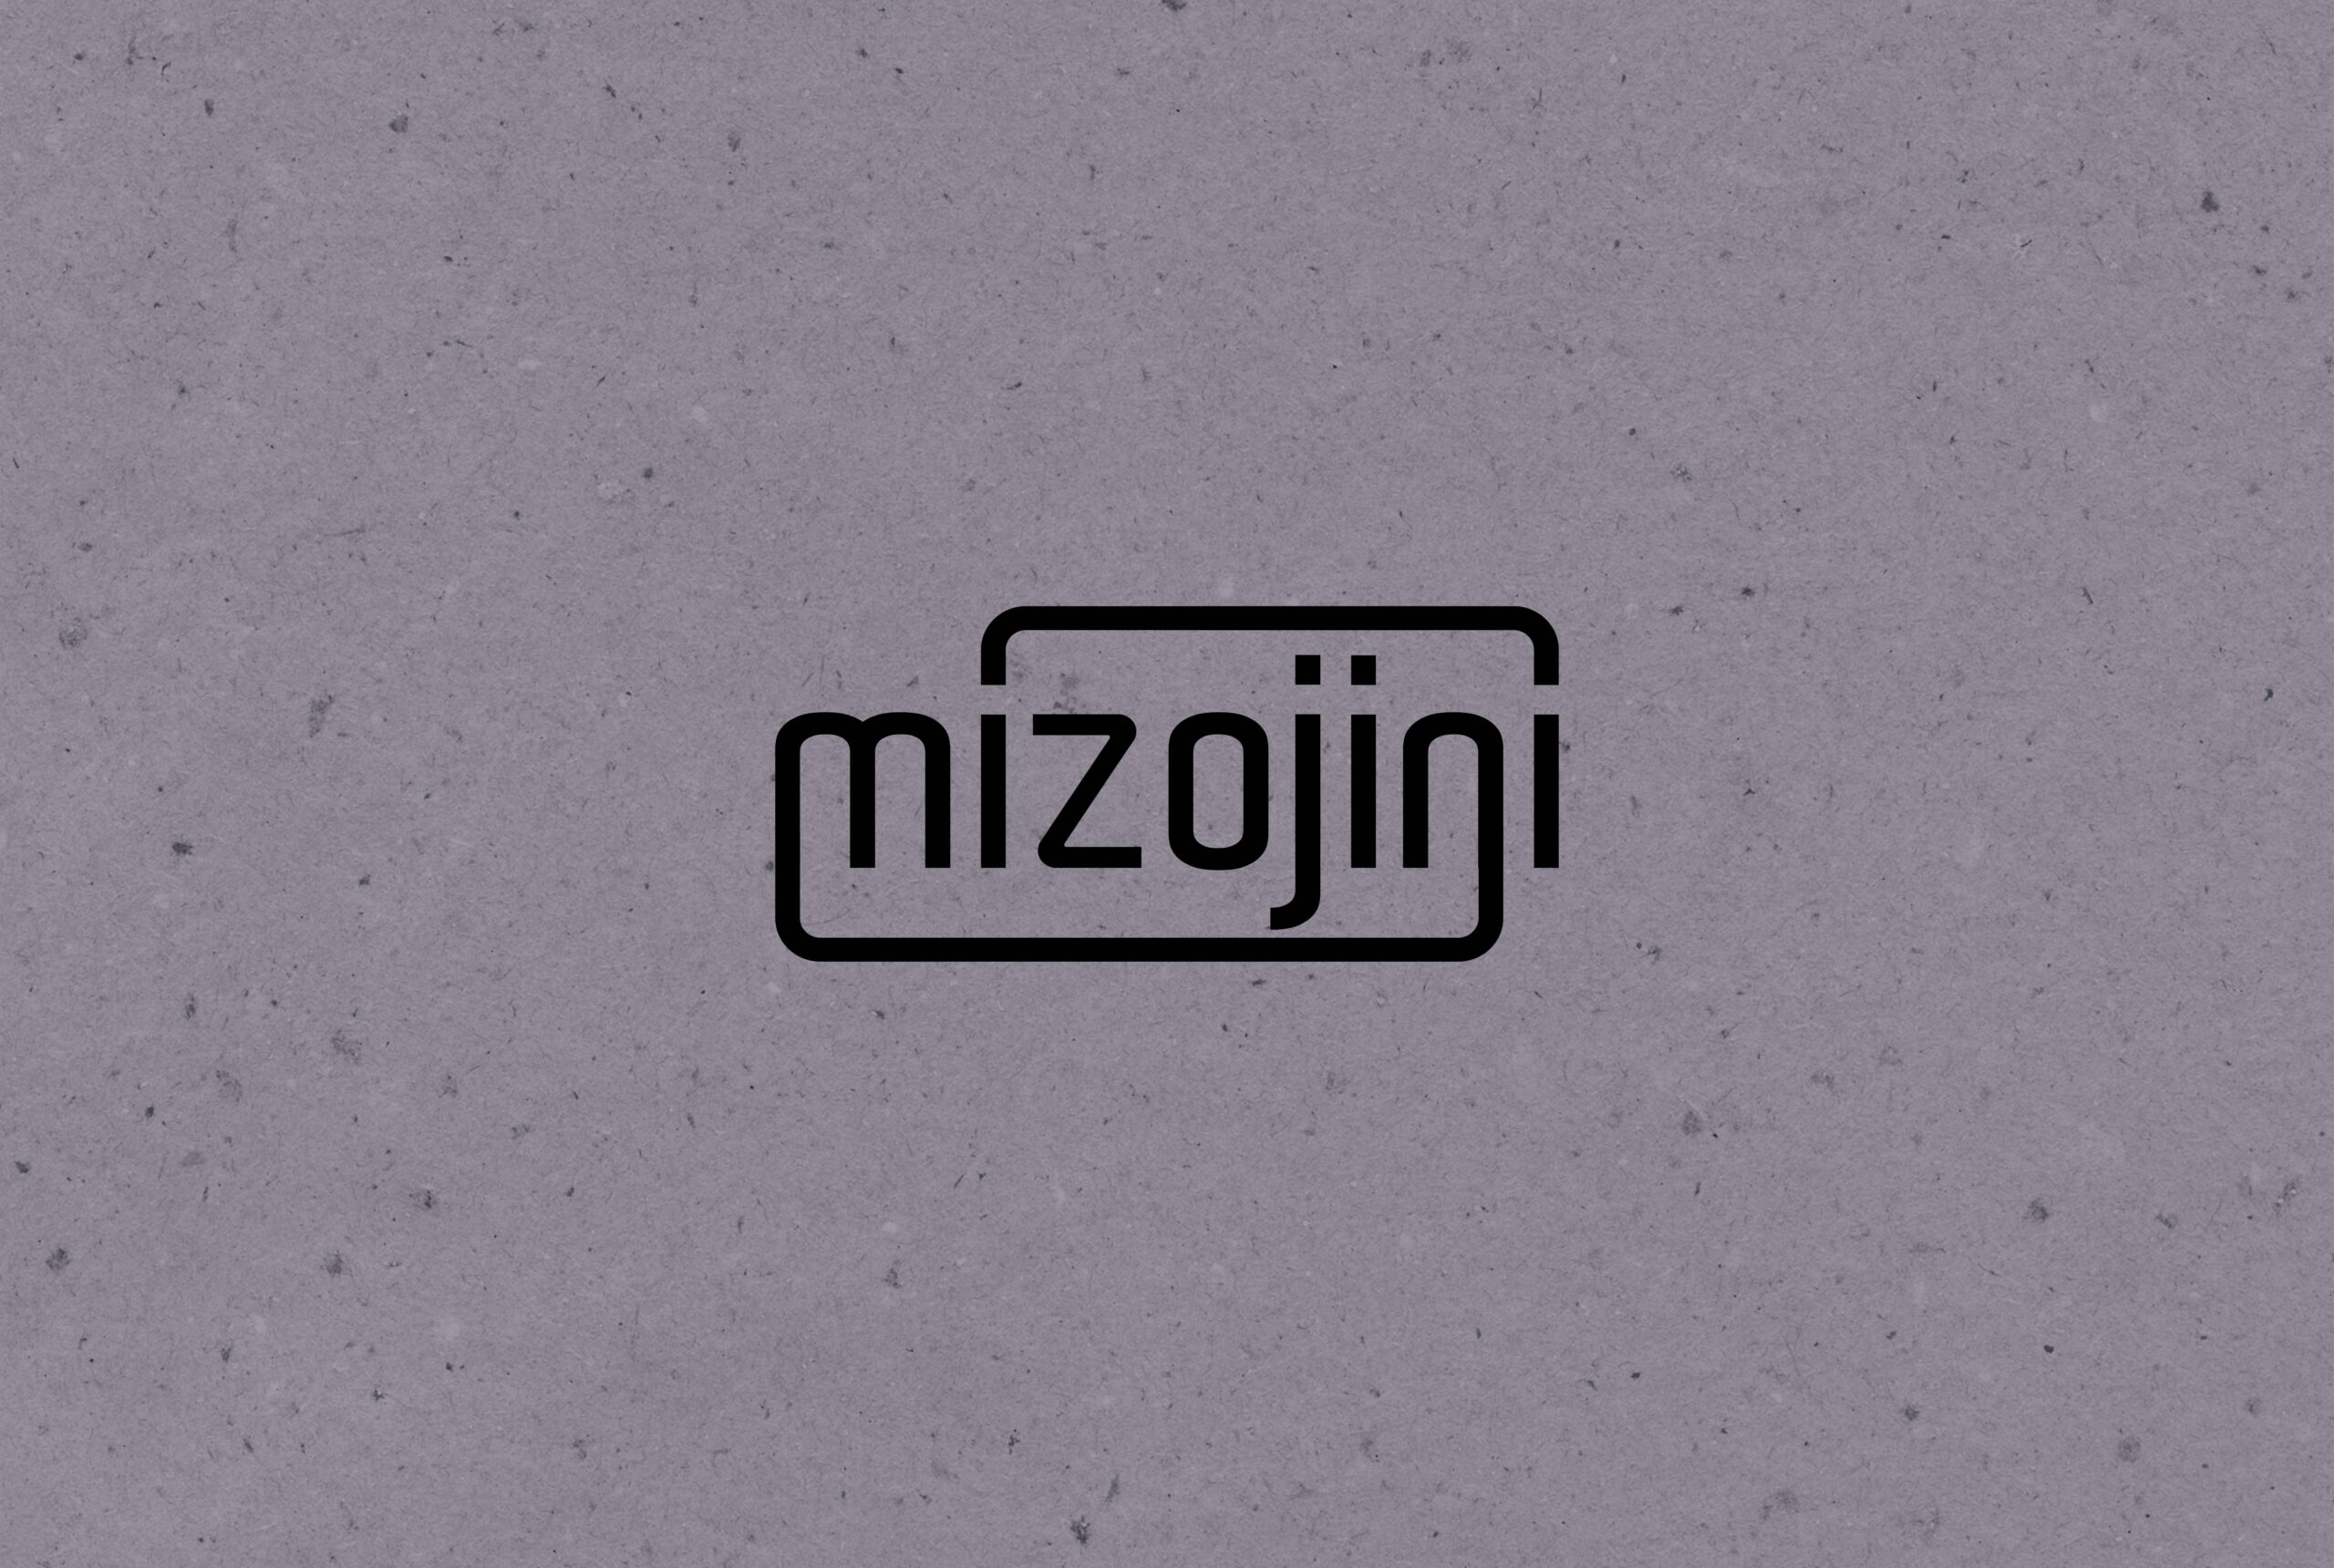 Mizojini / Kadın Düşmanlığı